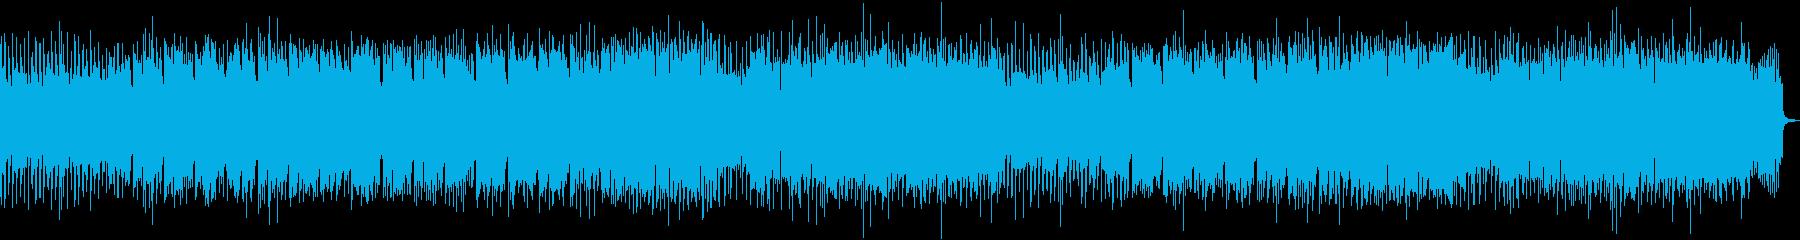 メロディアスで陽気なハードロックの再生済みの波形